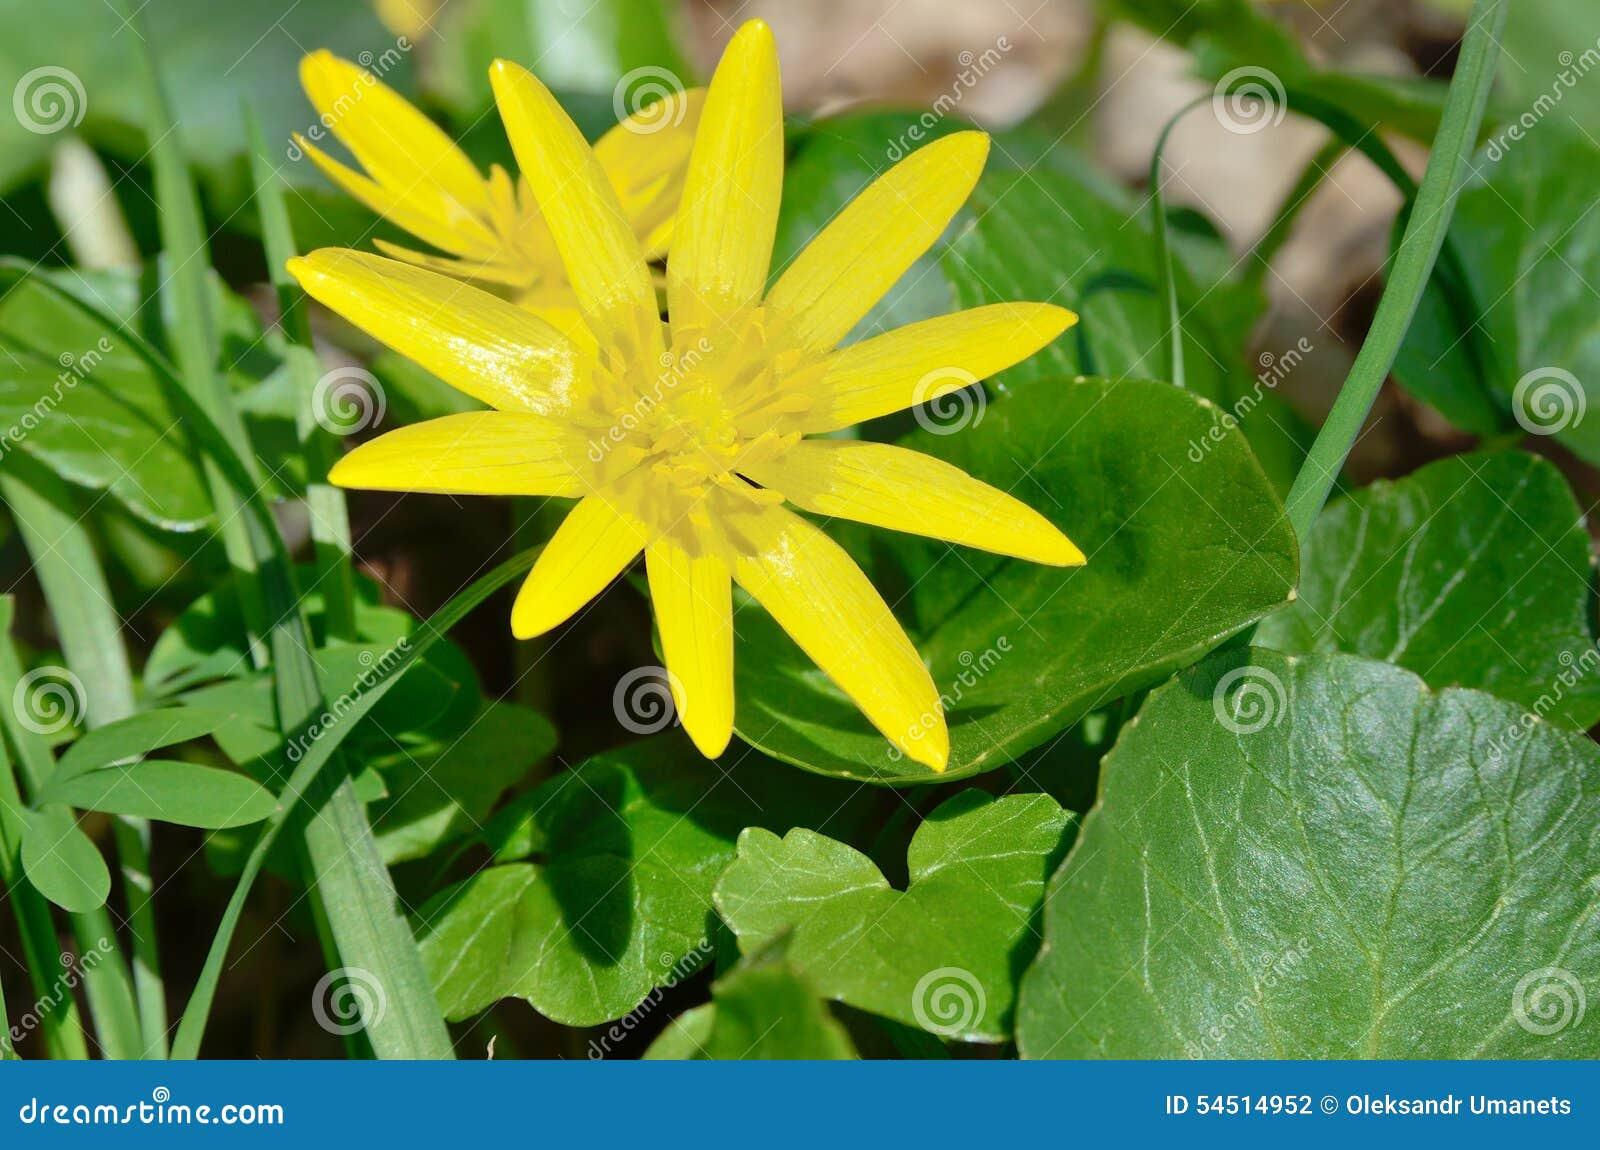 fleur jaune de renoncule fleurissant au printemps dans les bois photo stock image du flore. Black Bedroom Furniture Sets. Home Design Ideas